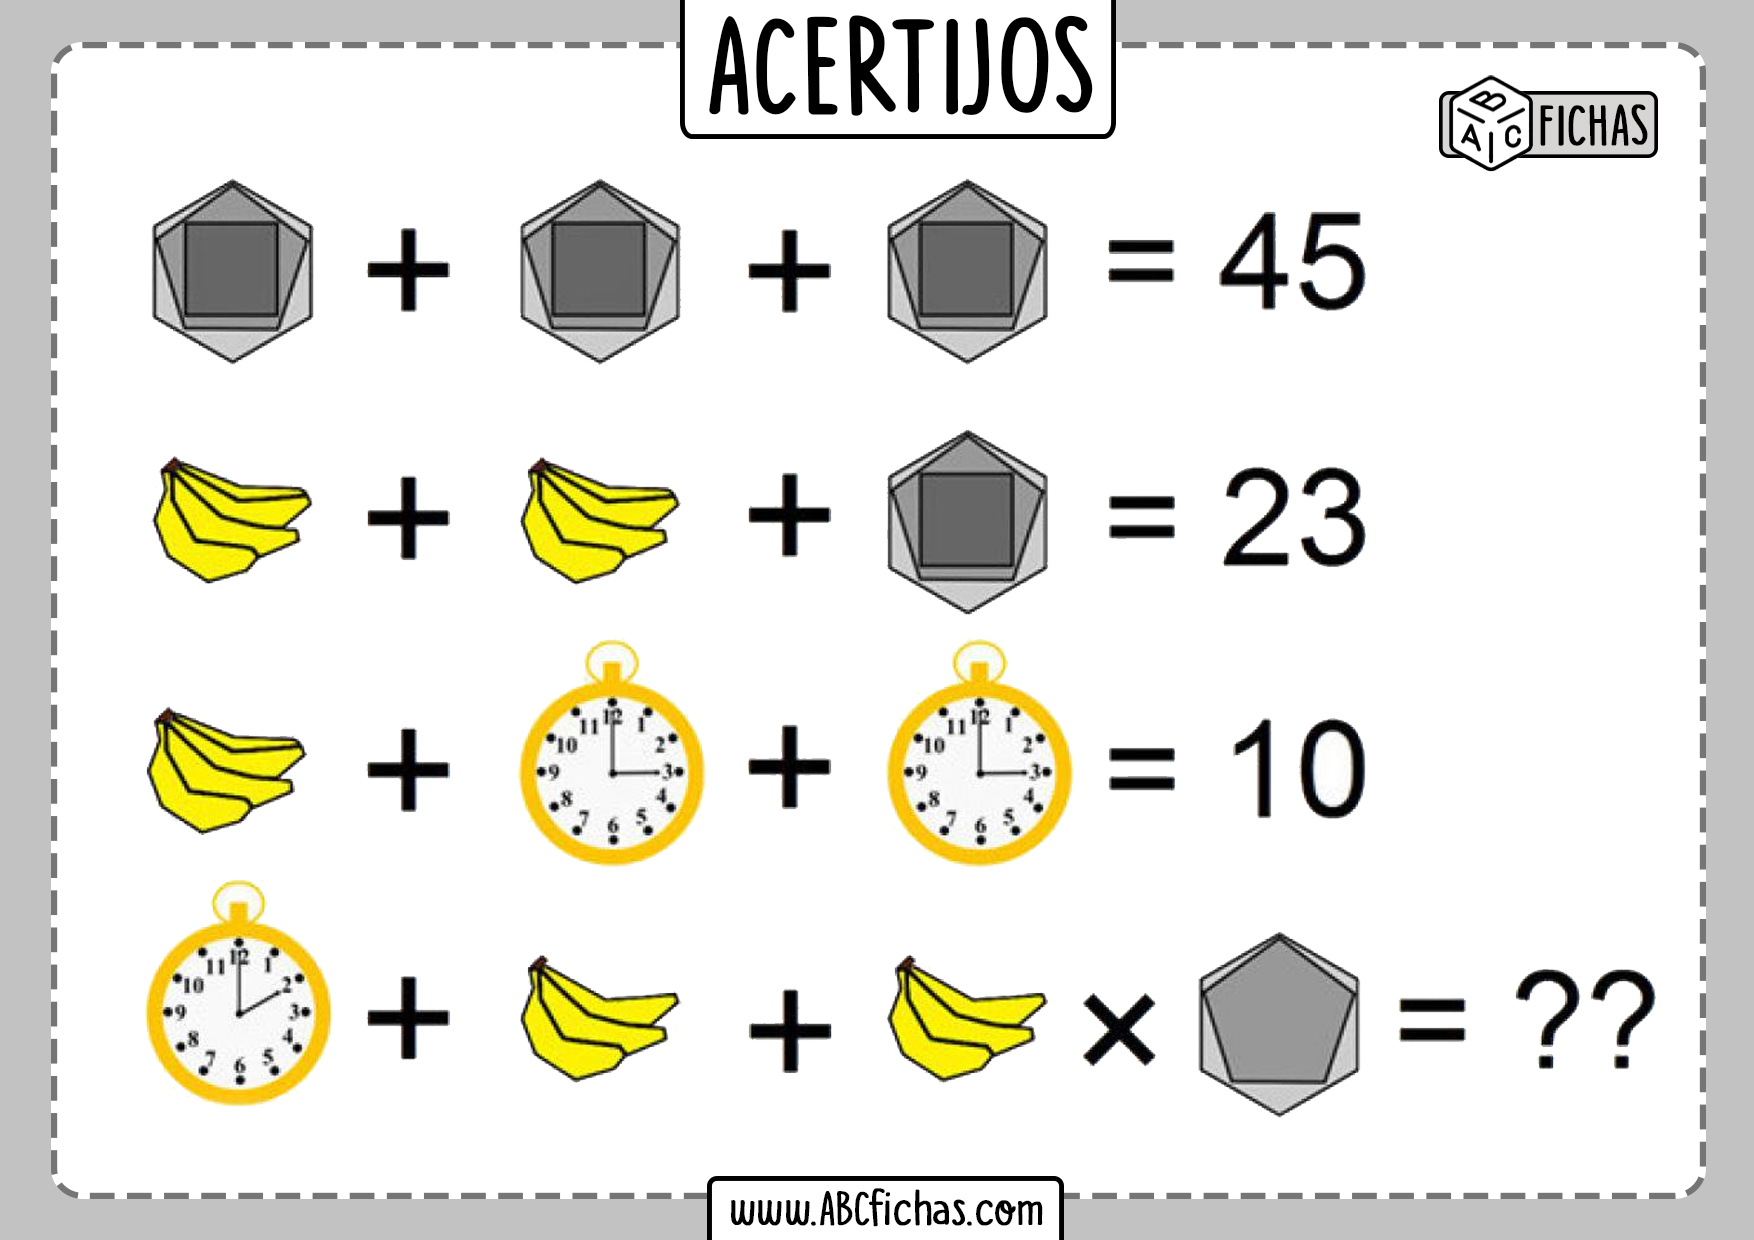 Acertijos de matematicas para niños